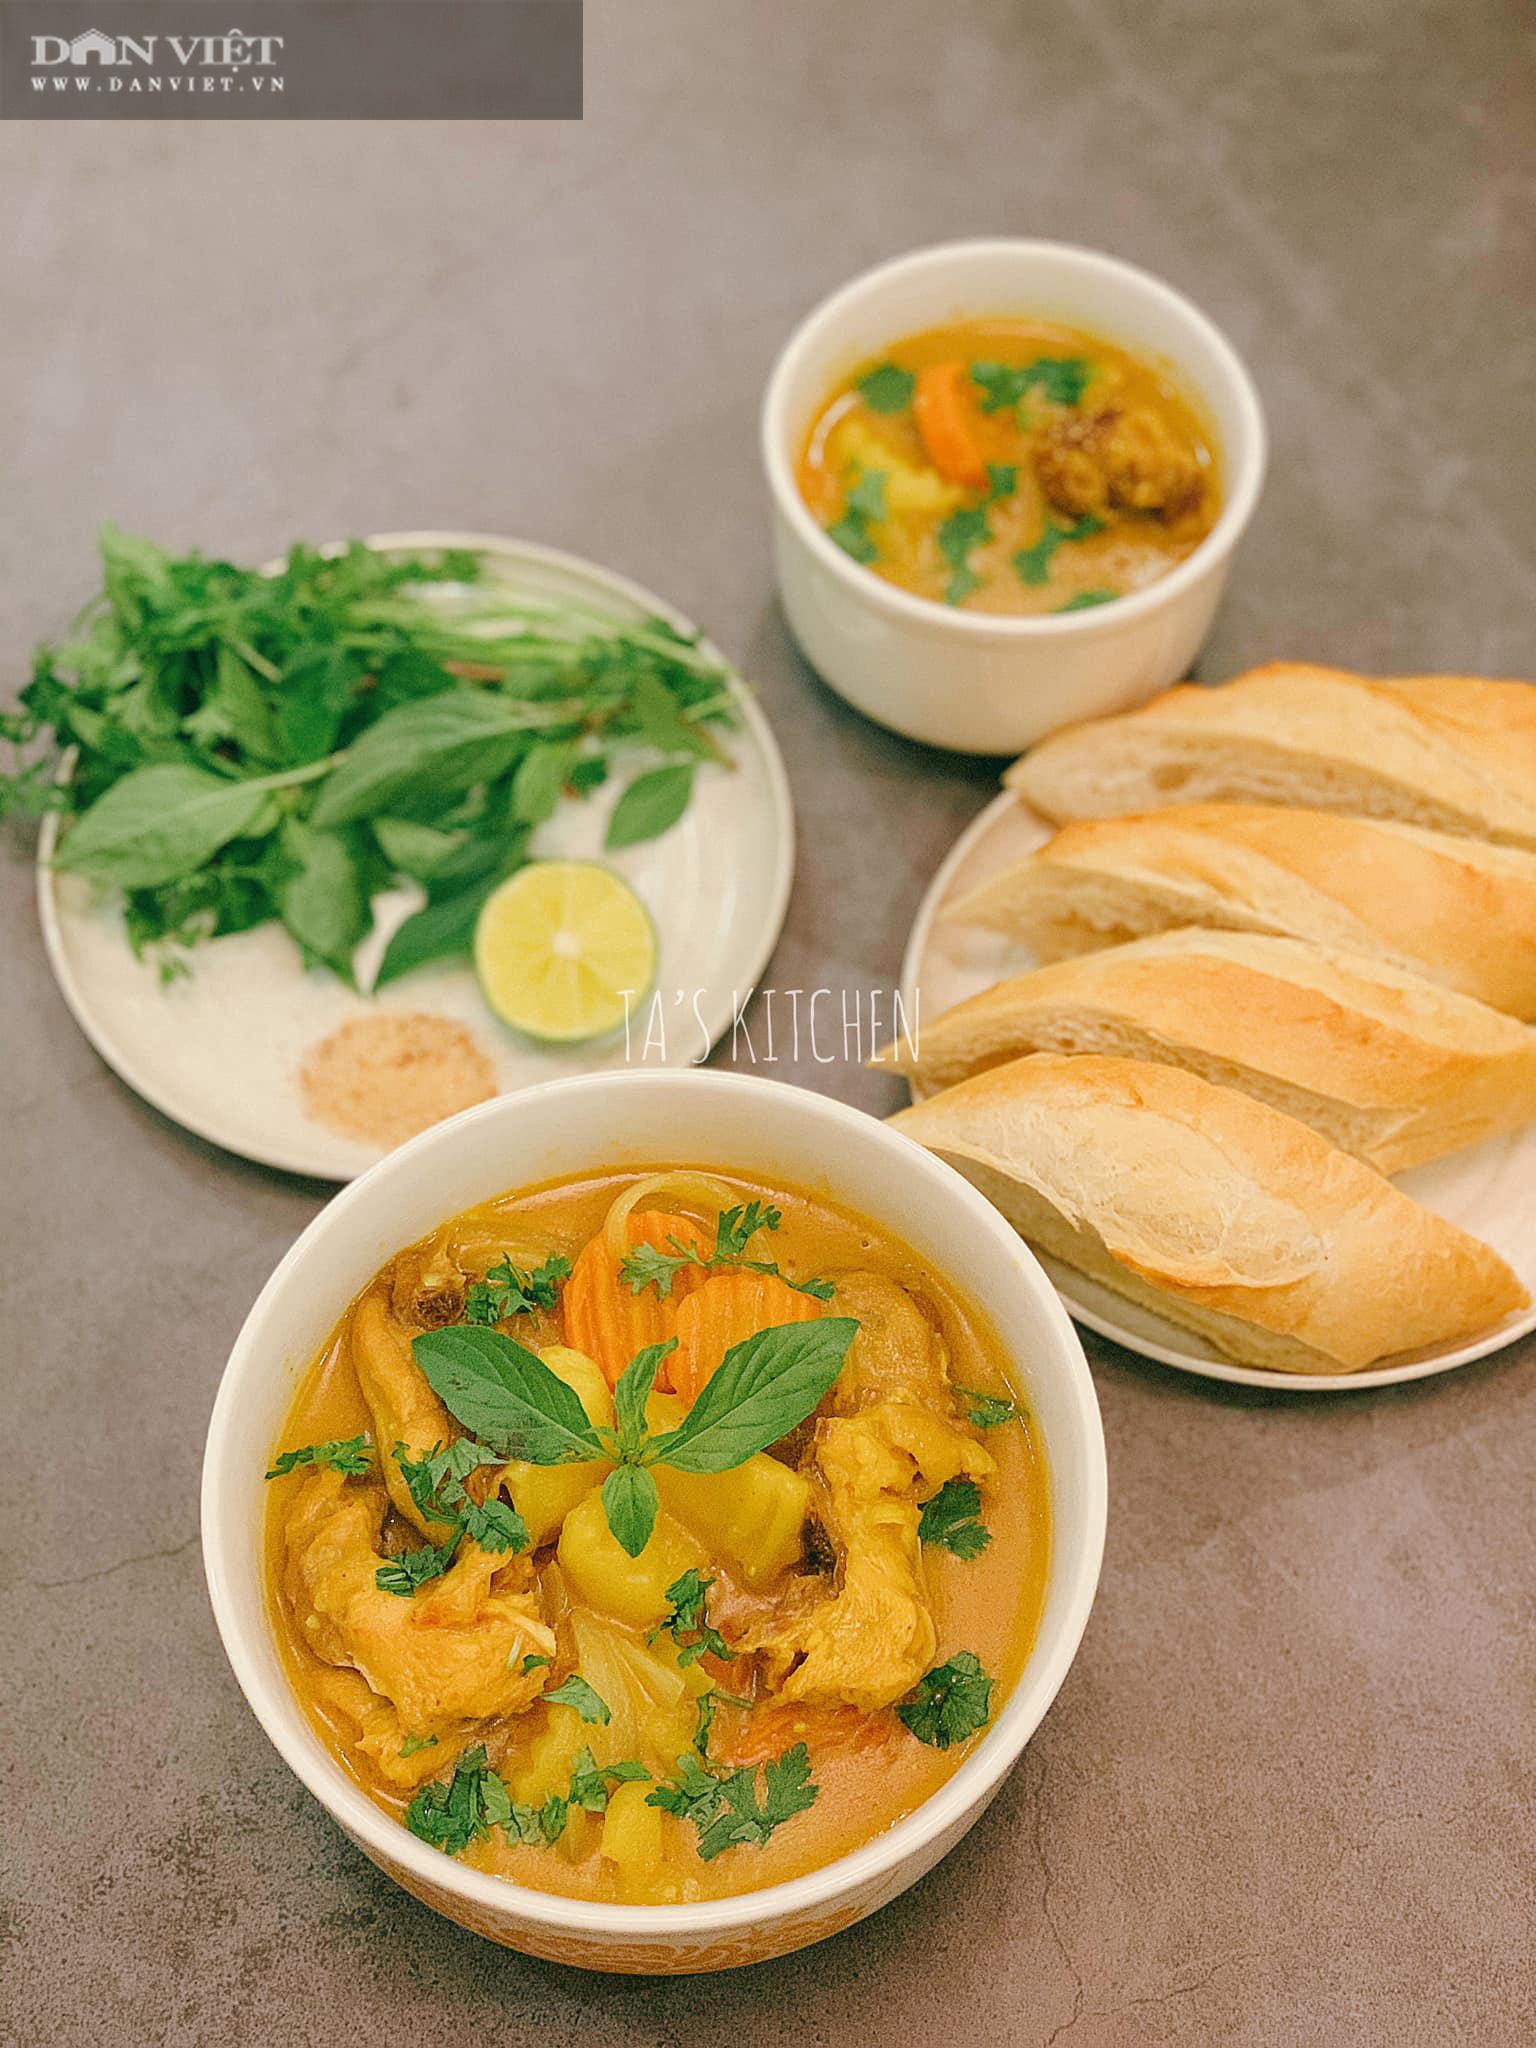 Nấu cà ri gà đổi món cho gia đình vào những ngày gió mùa về - Ảnh 2.